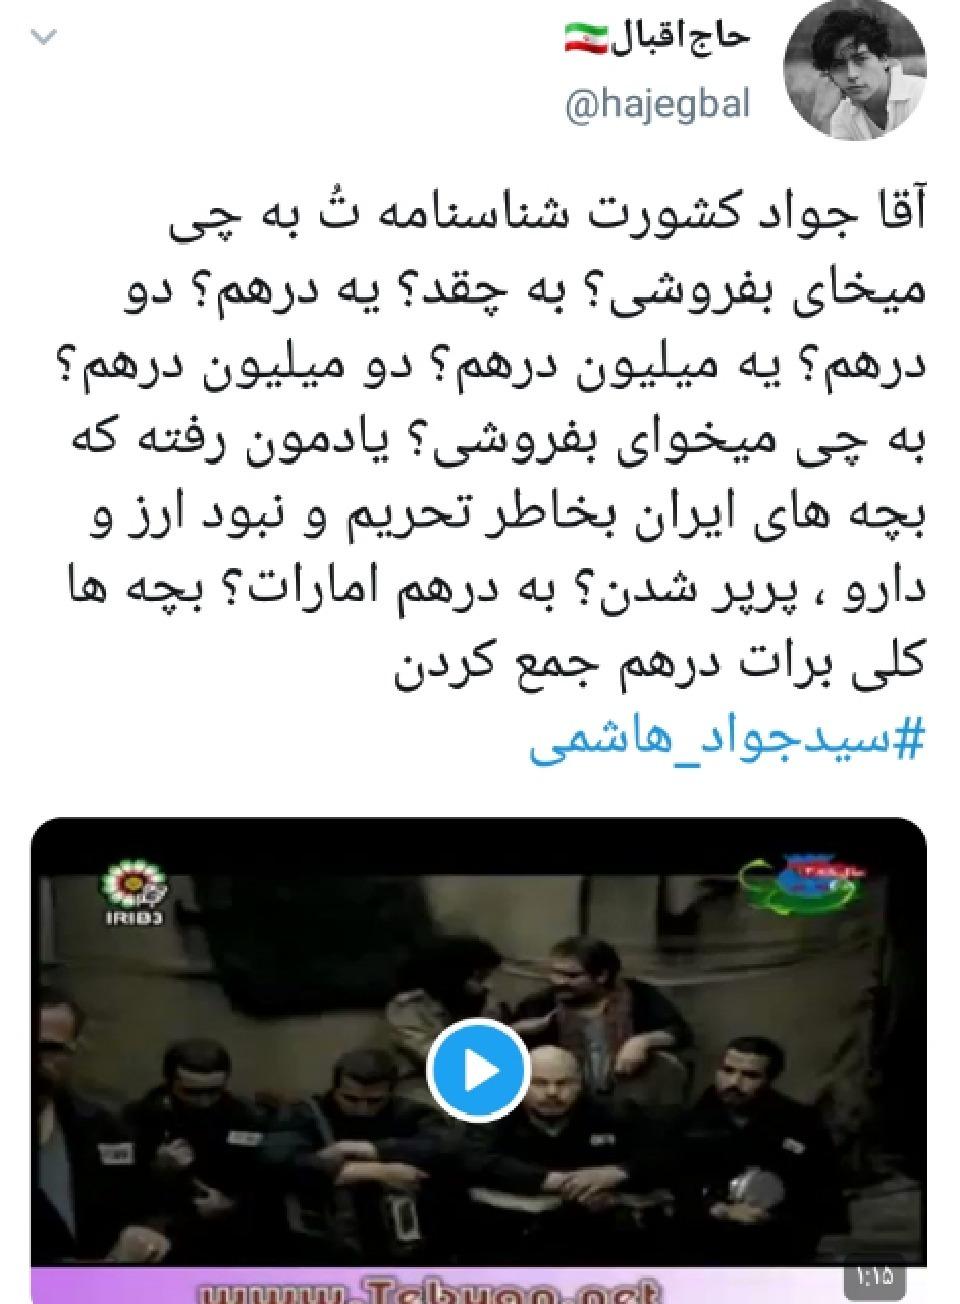 انتقاد کاربران به ویدئوی تبلیغی سیدجواد هاشمی